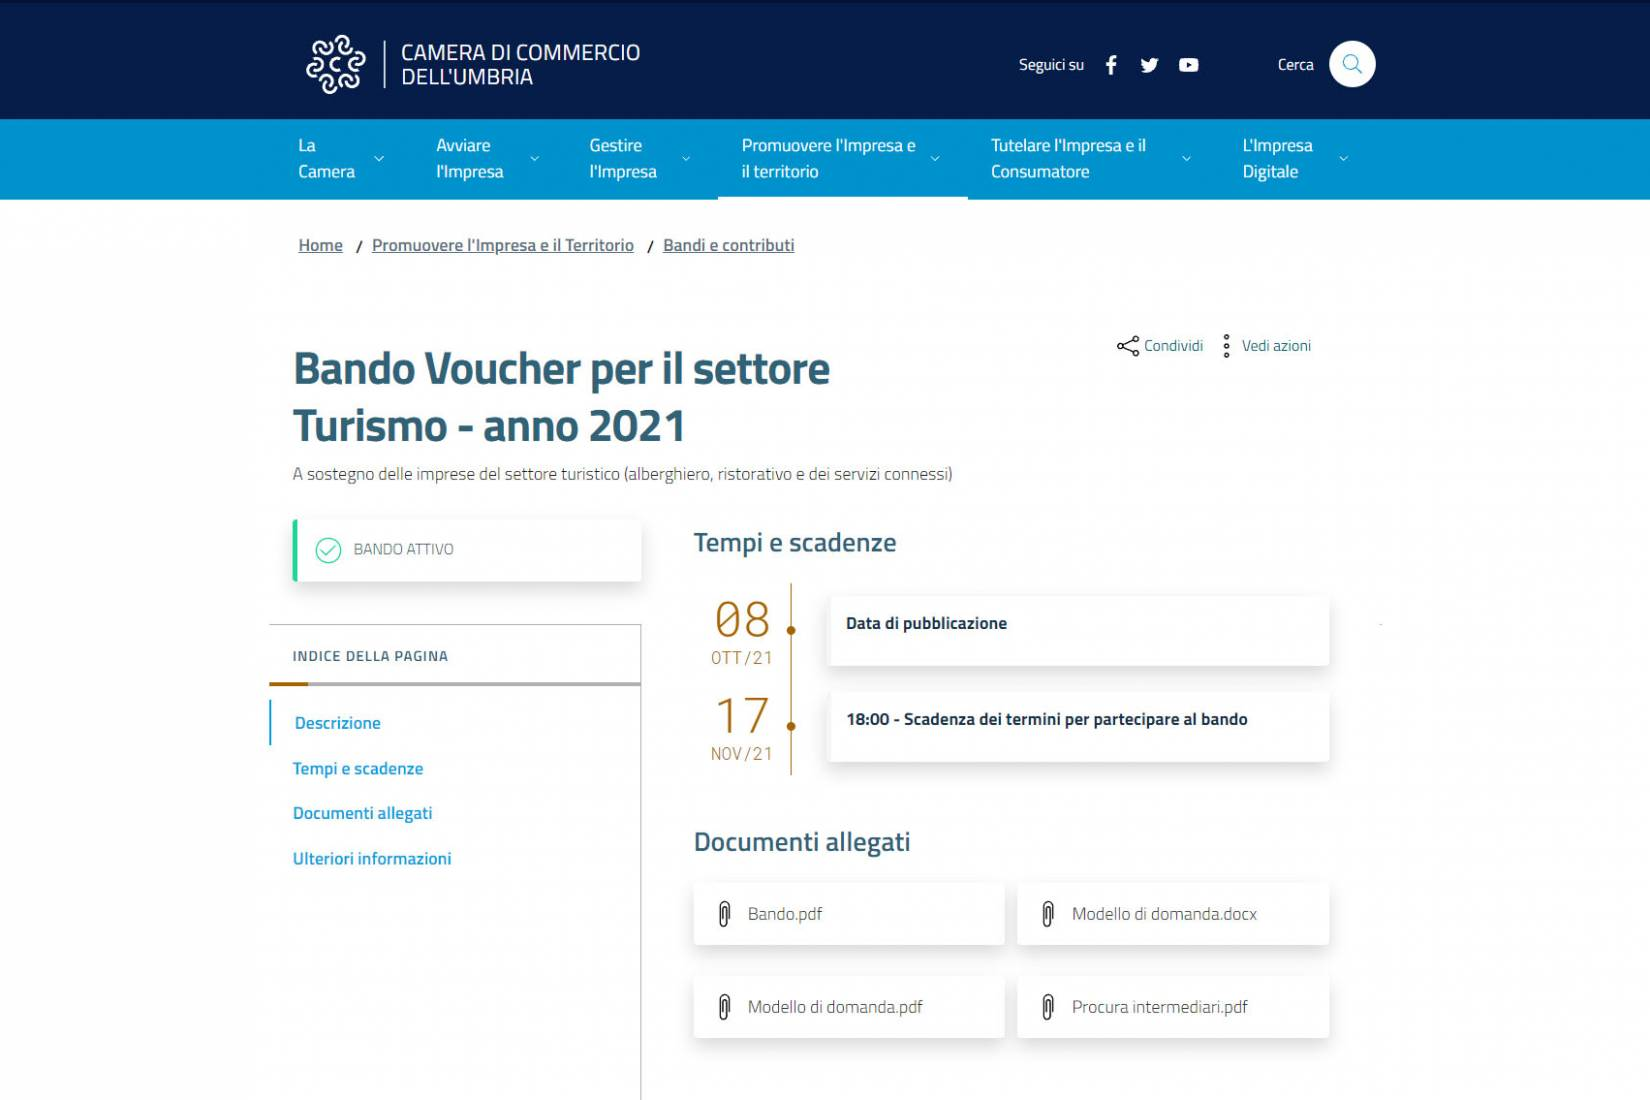 Bando Voucher 2021 per il settore Turismo, Camera di Commercio Umbria